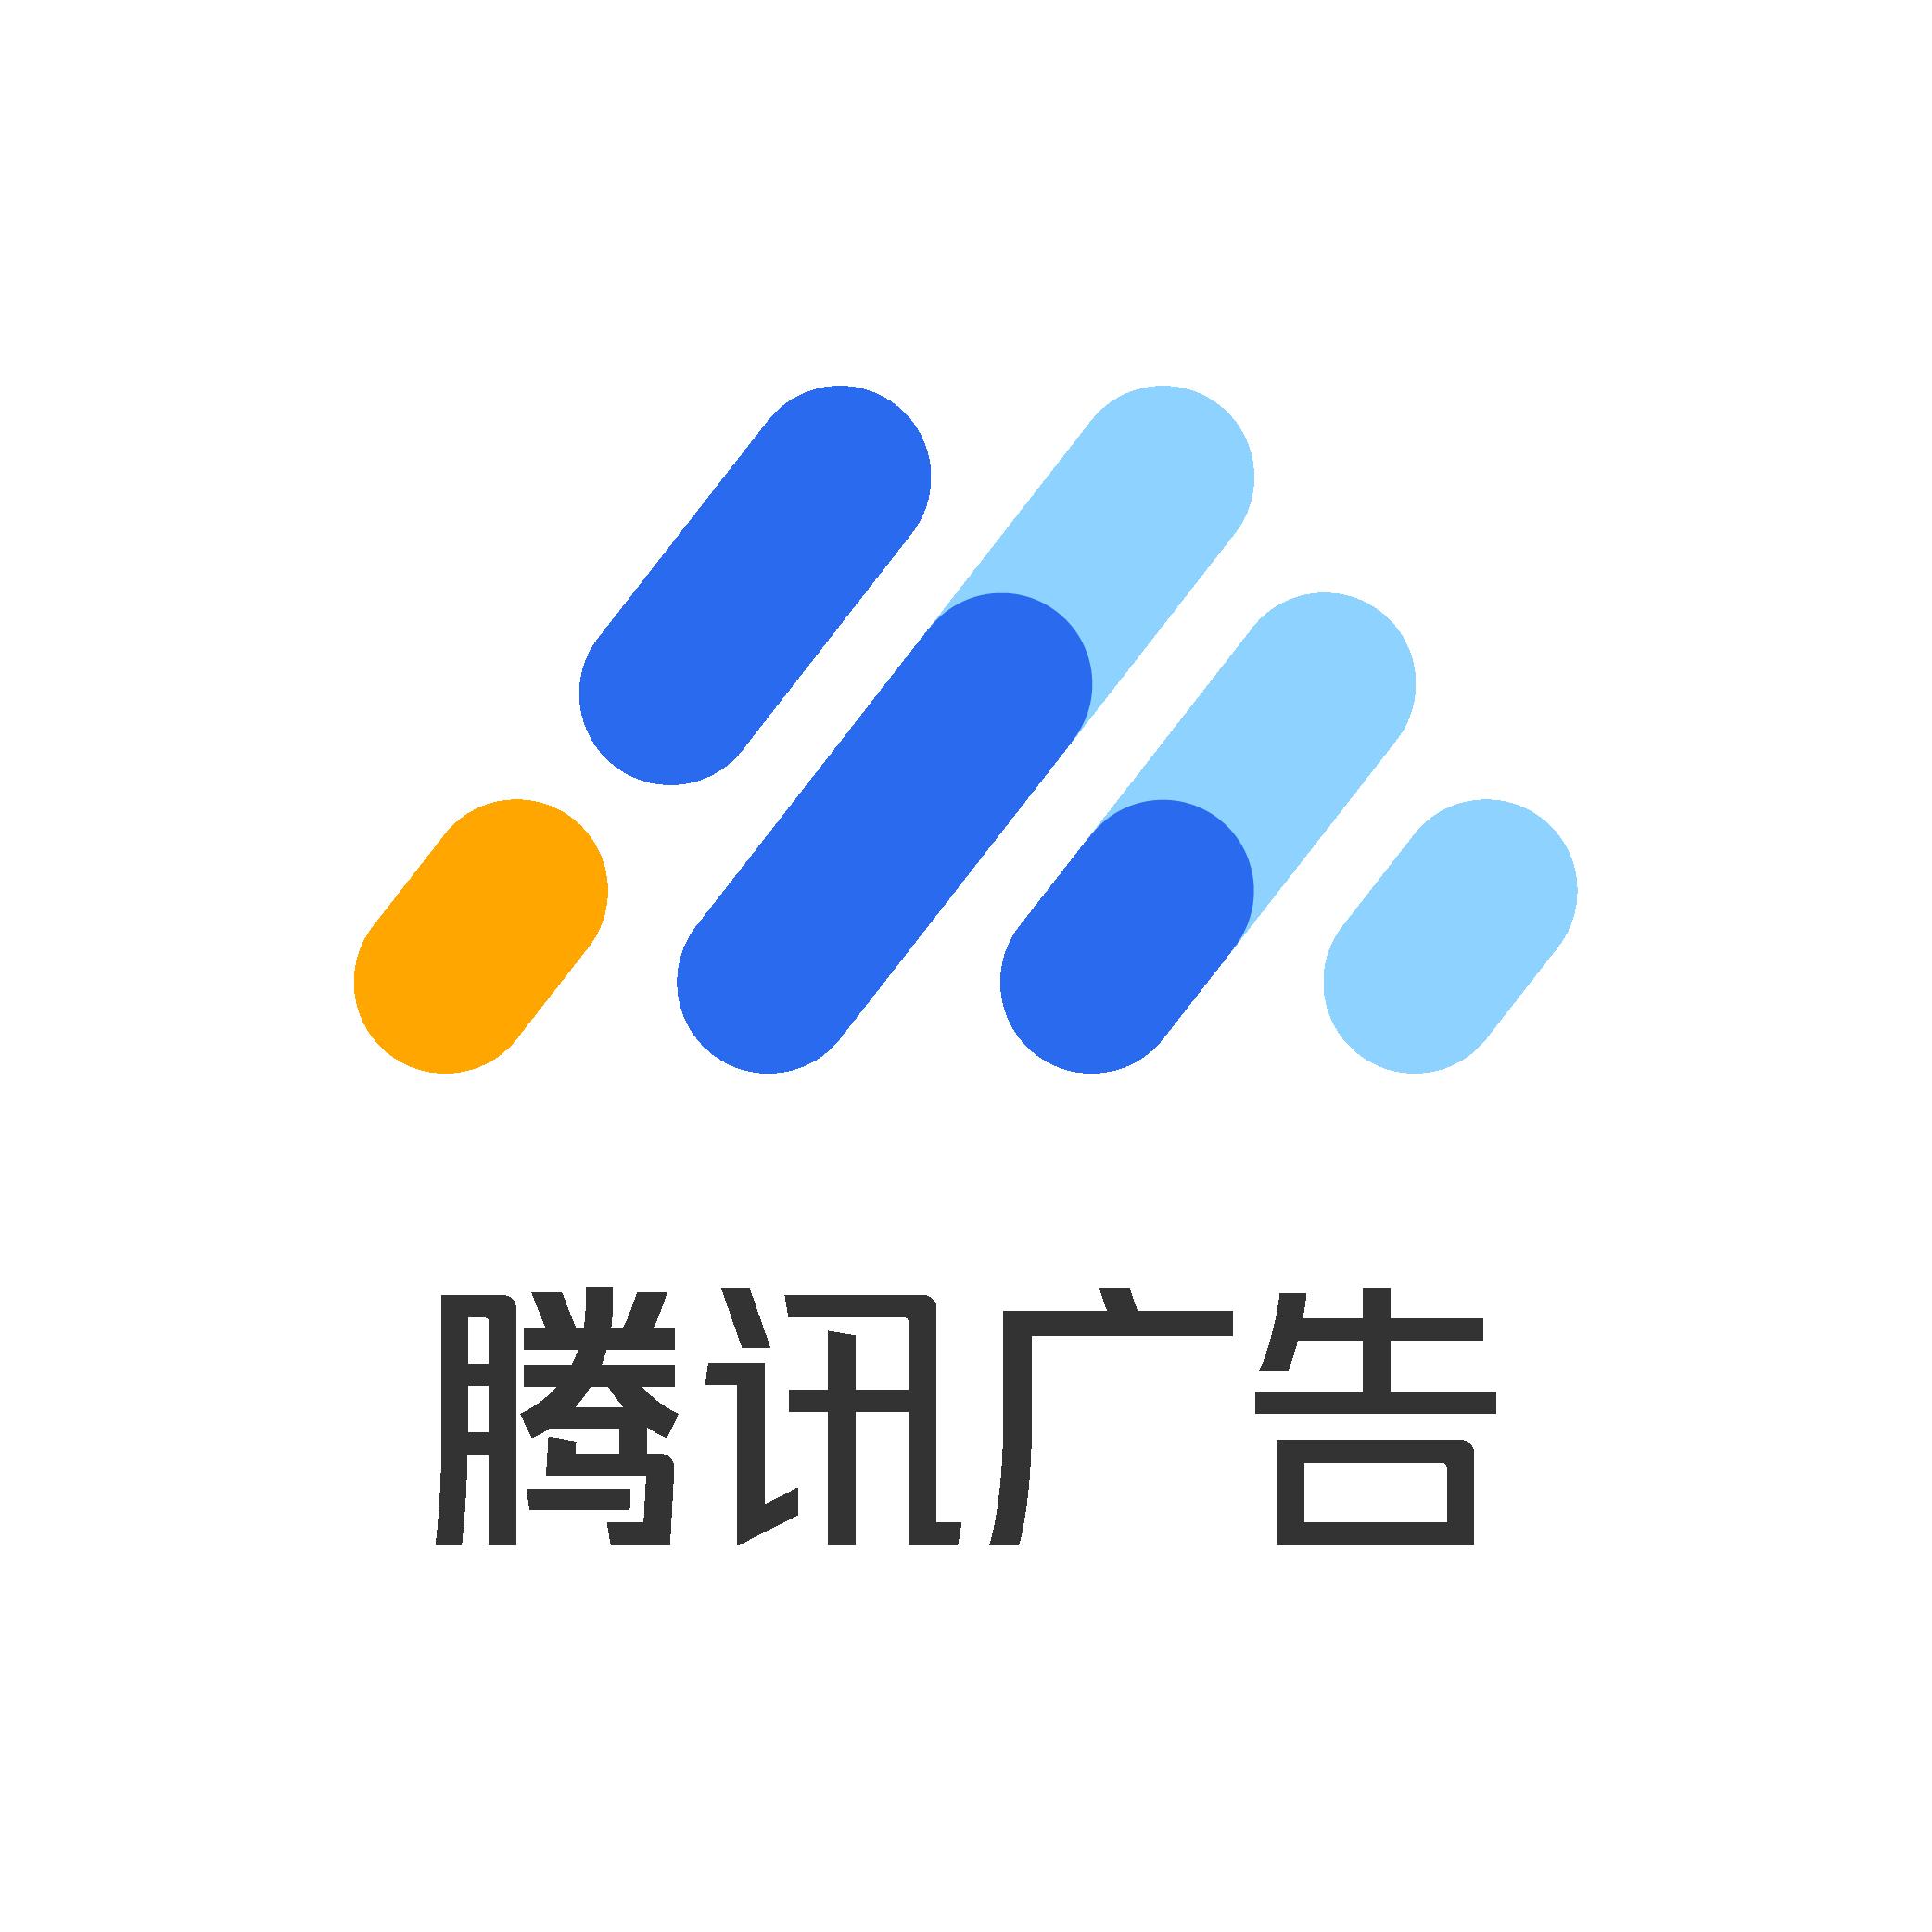 腾讯广告 Tencent Social Ads